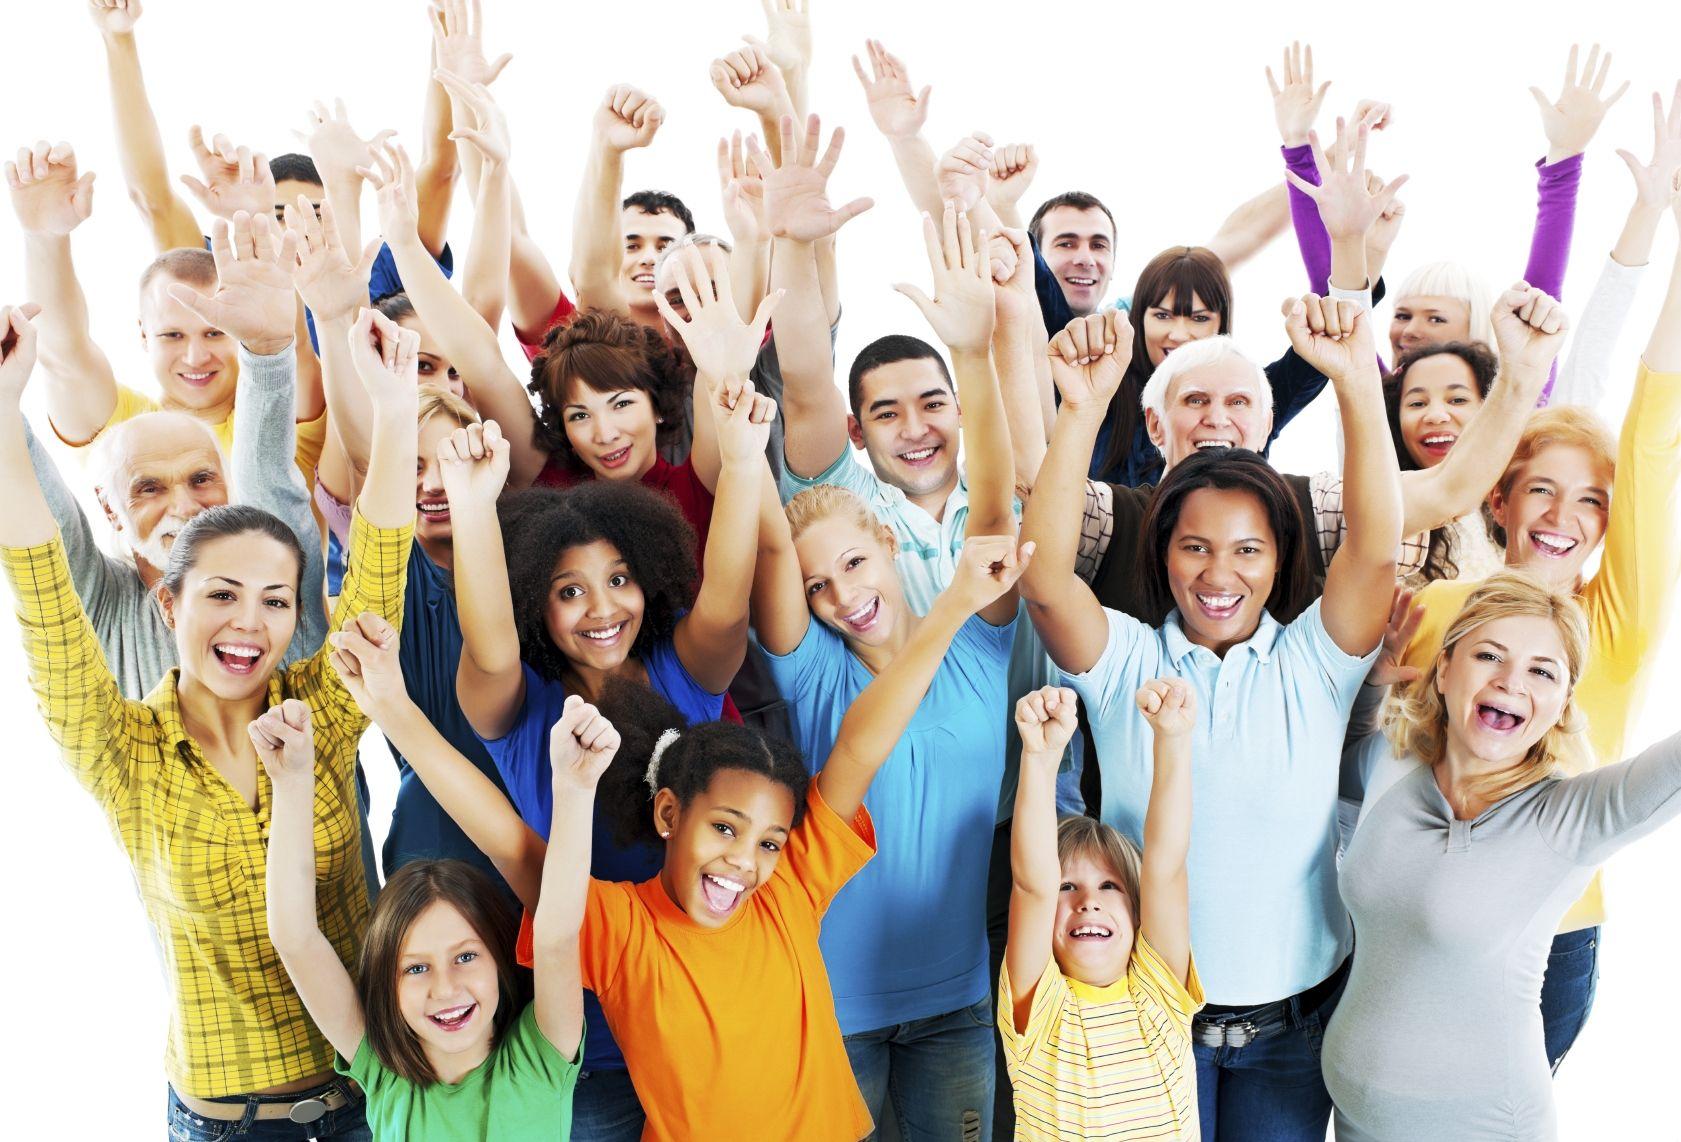 BSPAsistencia También esta presente en los #Hogares ¡Únete! Ya somos 947 #Personas :) http://lnkd.in/d7GBRR